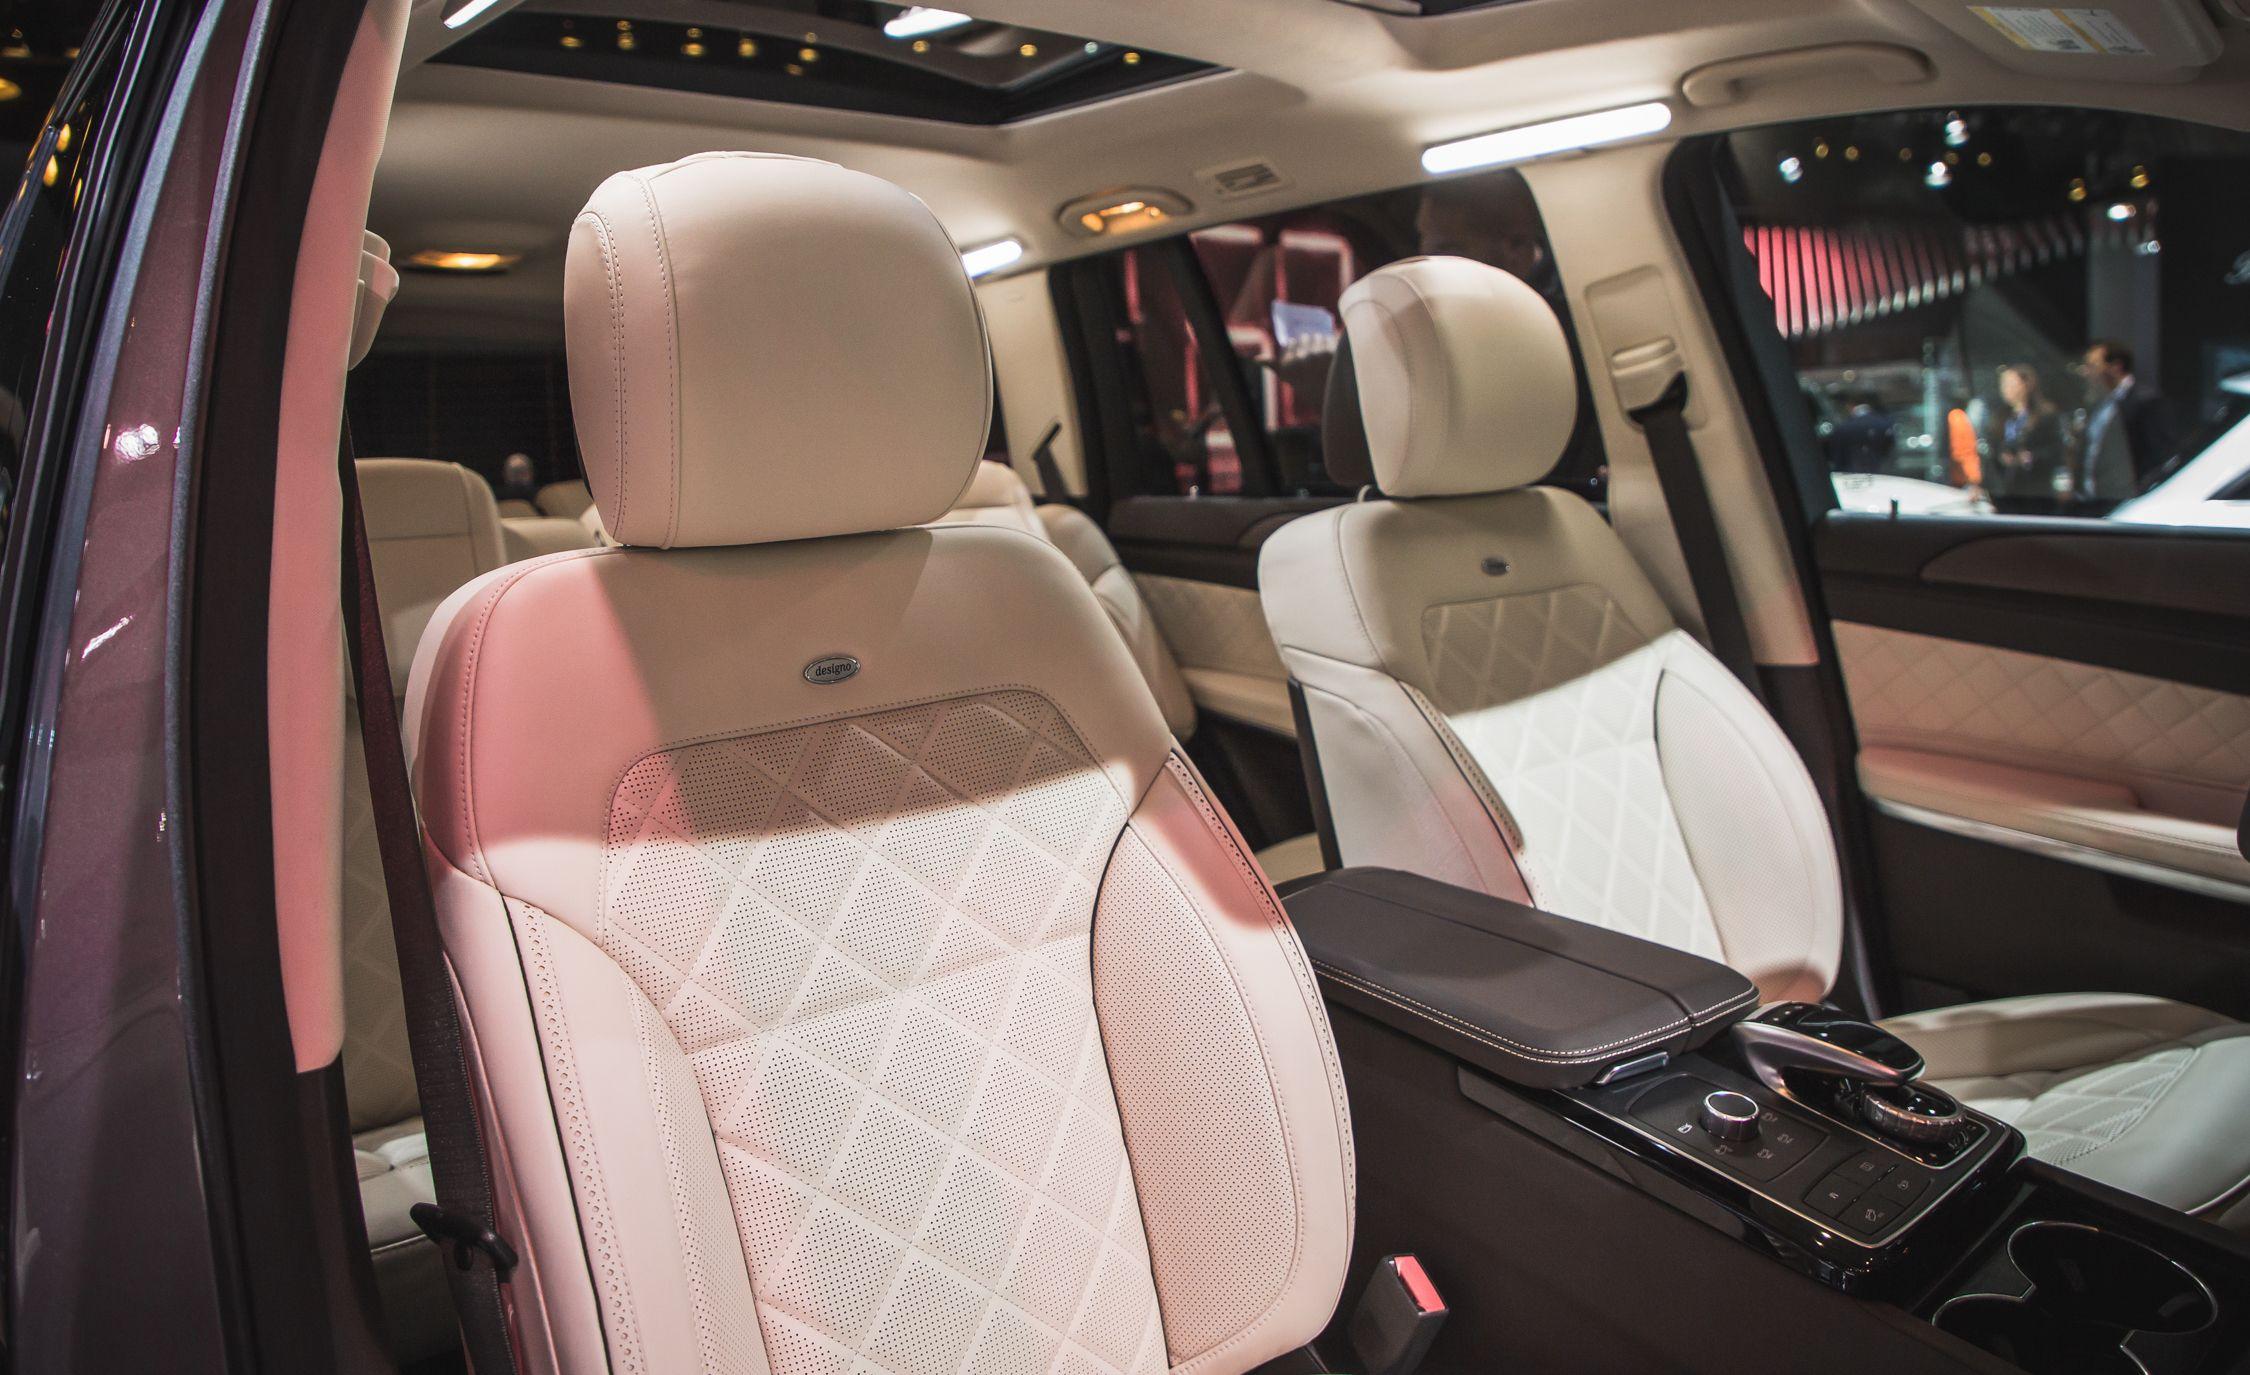 2020 Mercedes Benz Gls Class Reviews Mercedes Benz Gls Class Price